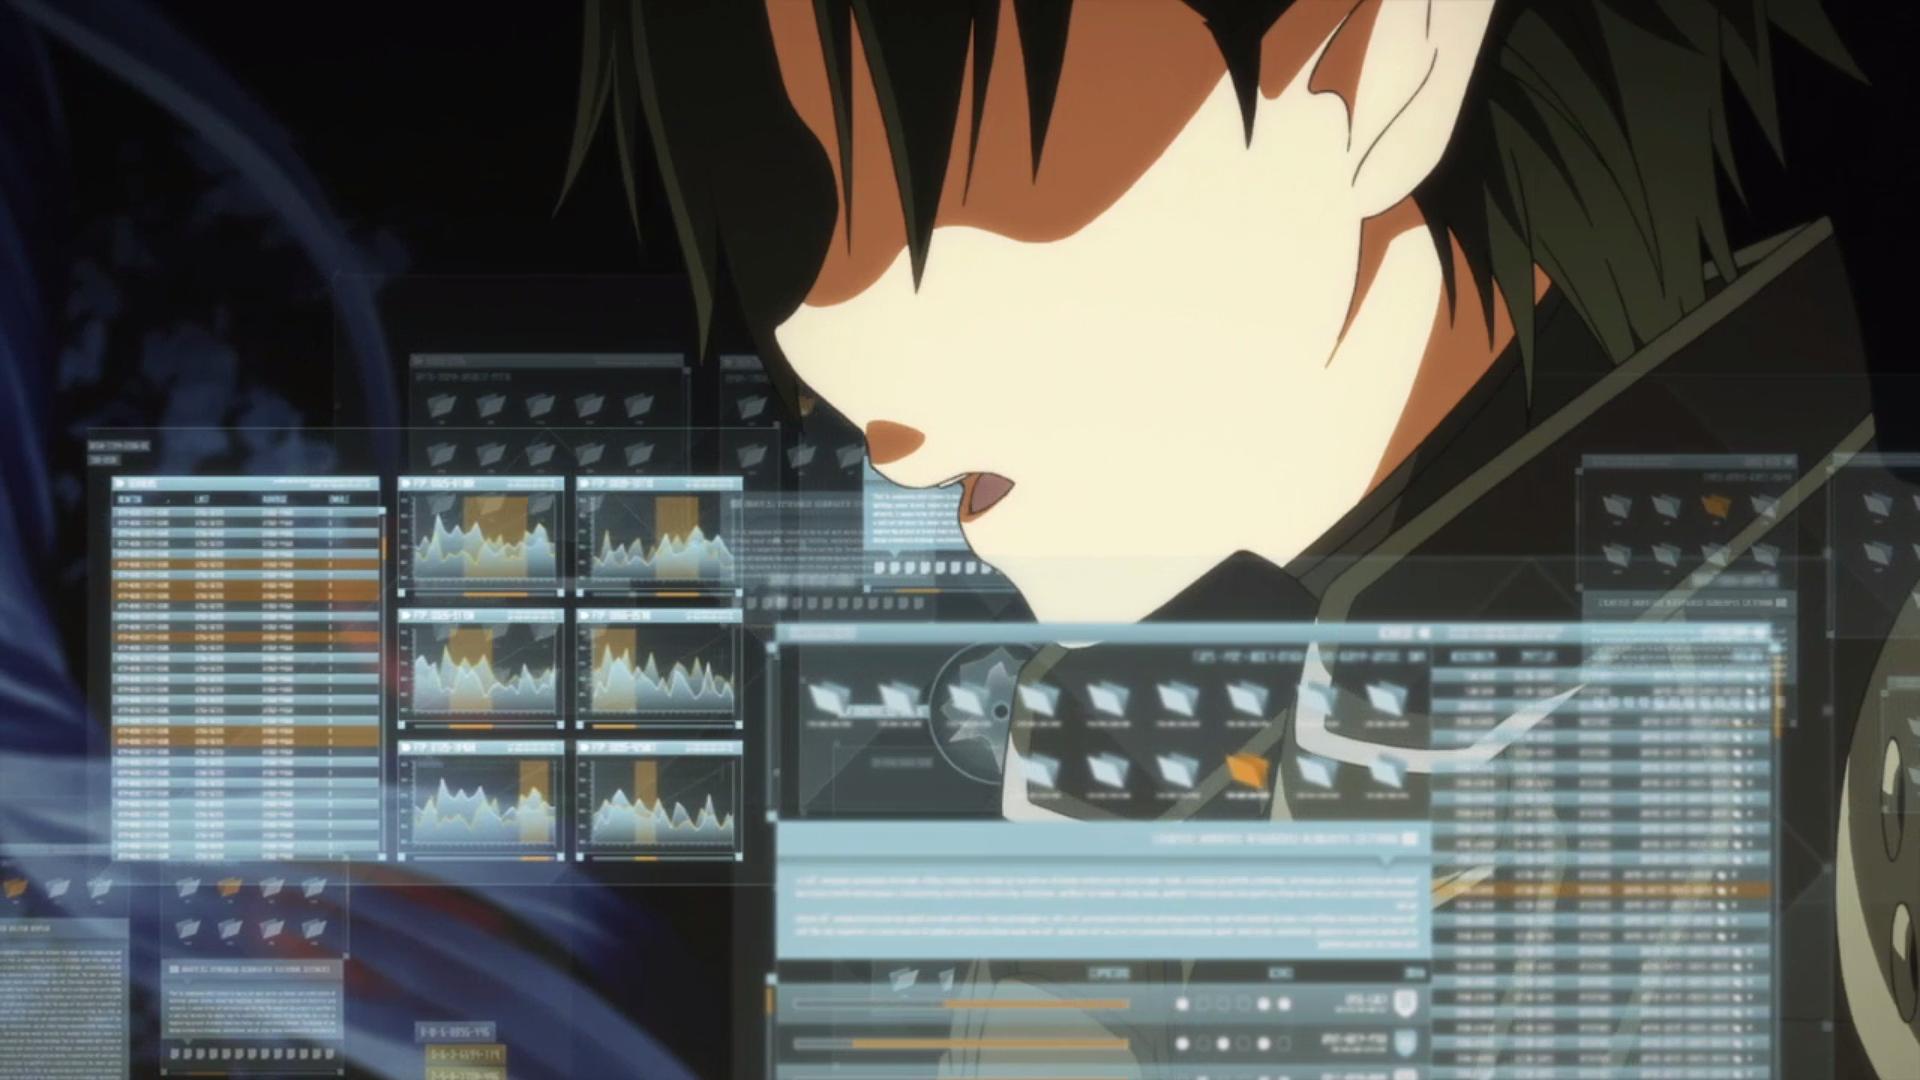 Kirito using the admin ui